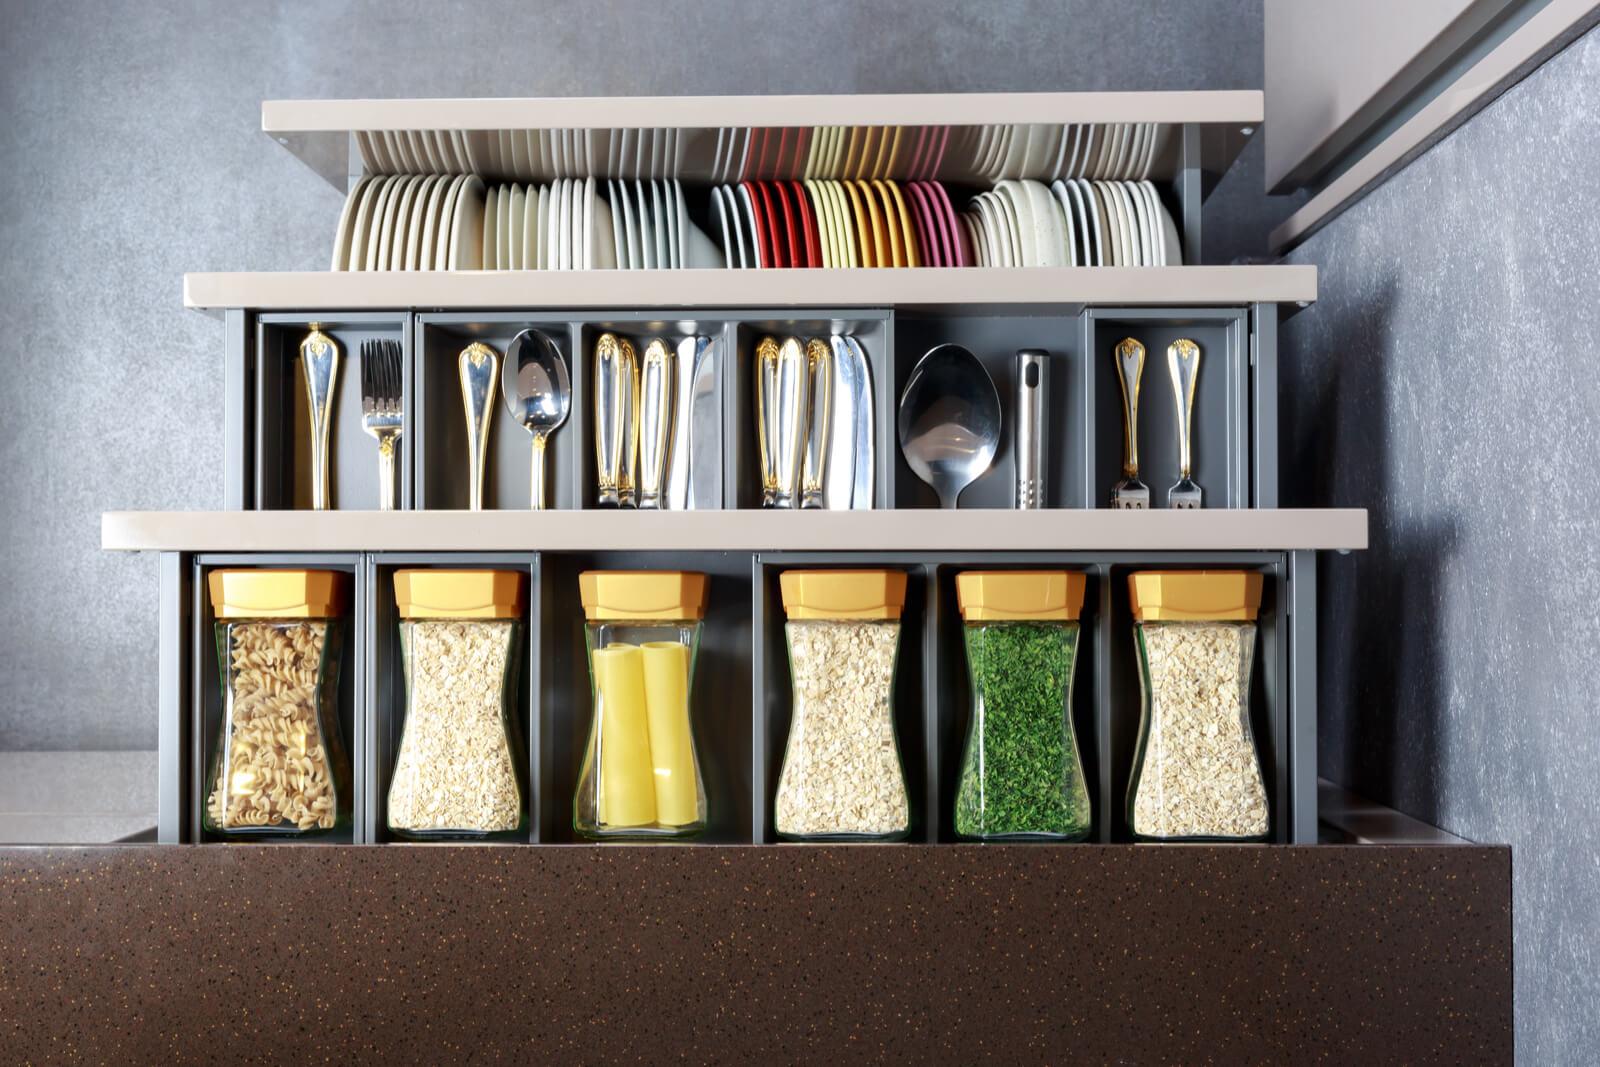 Full Size of Küchen Aufbewahrungsbehälter 5 Ikea Tipps Fr Mehr Ordnung In Der Kche Regal Küche Wohnzimmer Küchen Aufbewahrungsbehälter